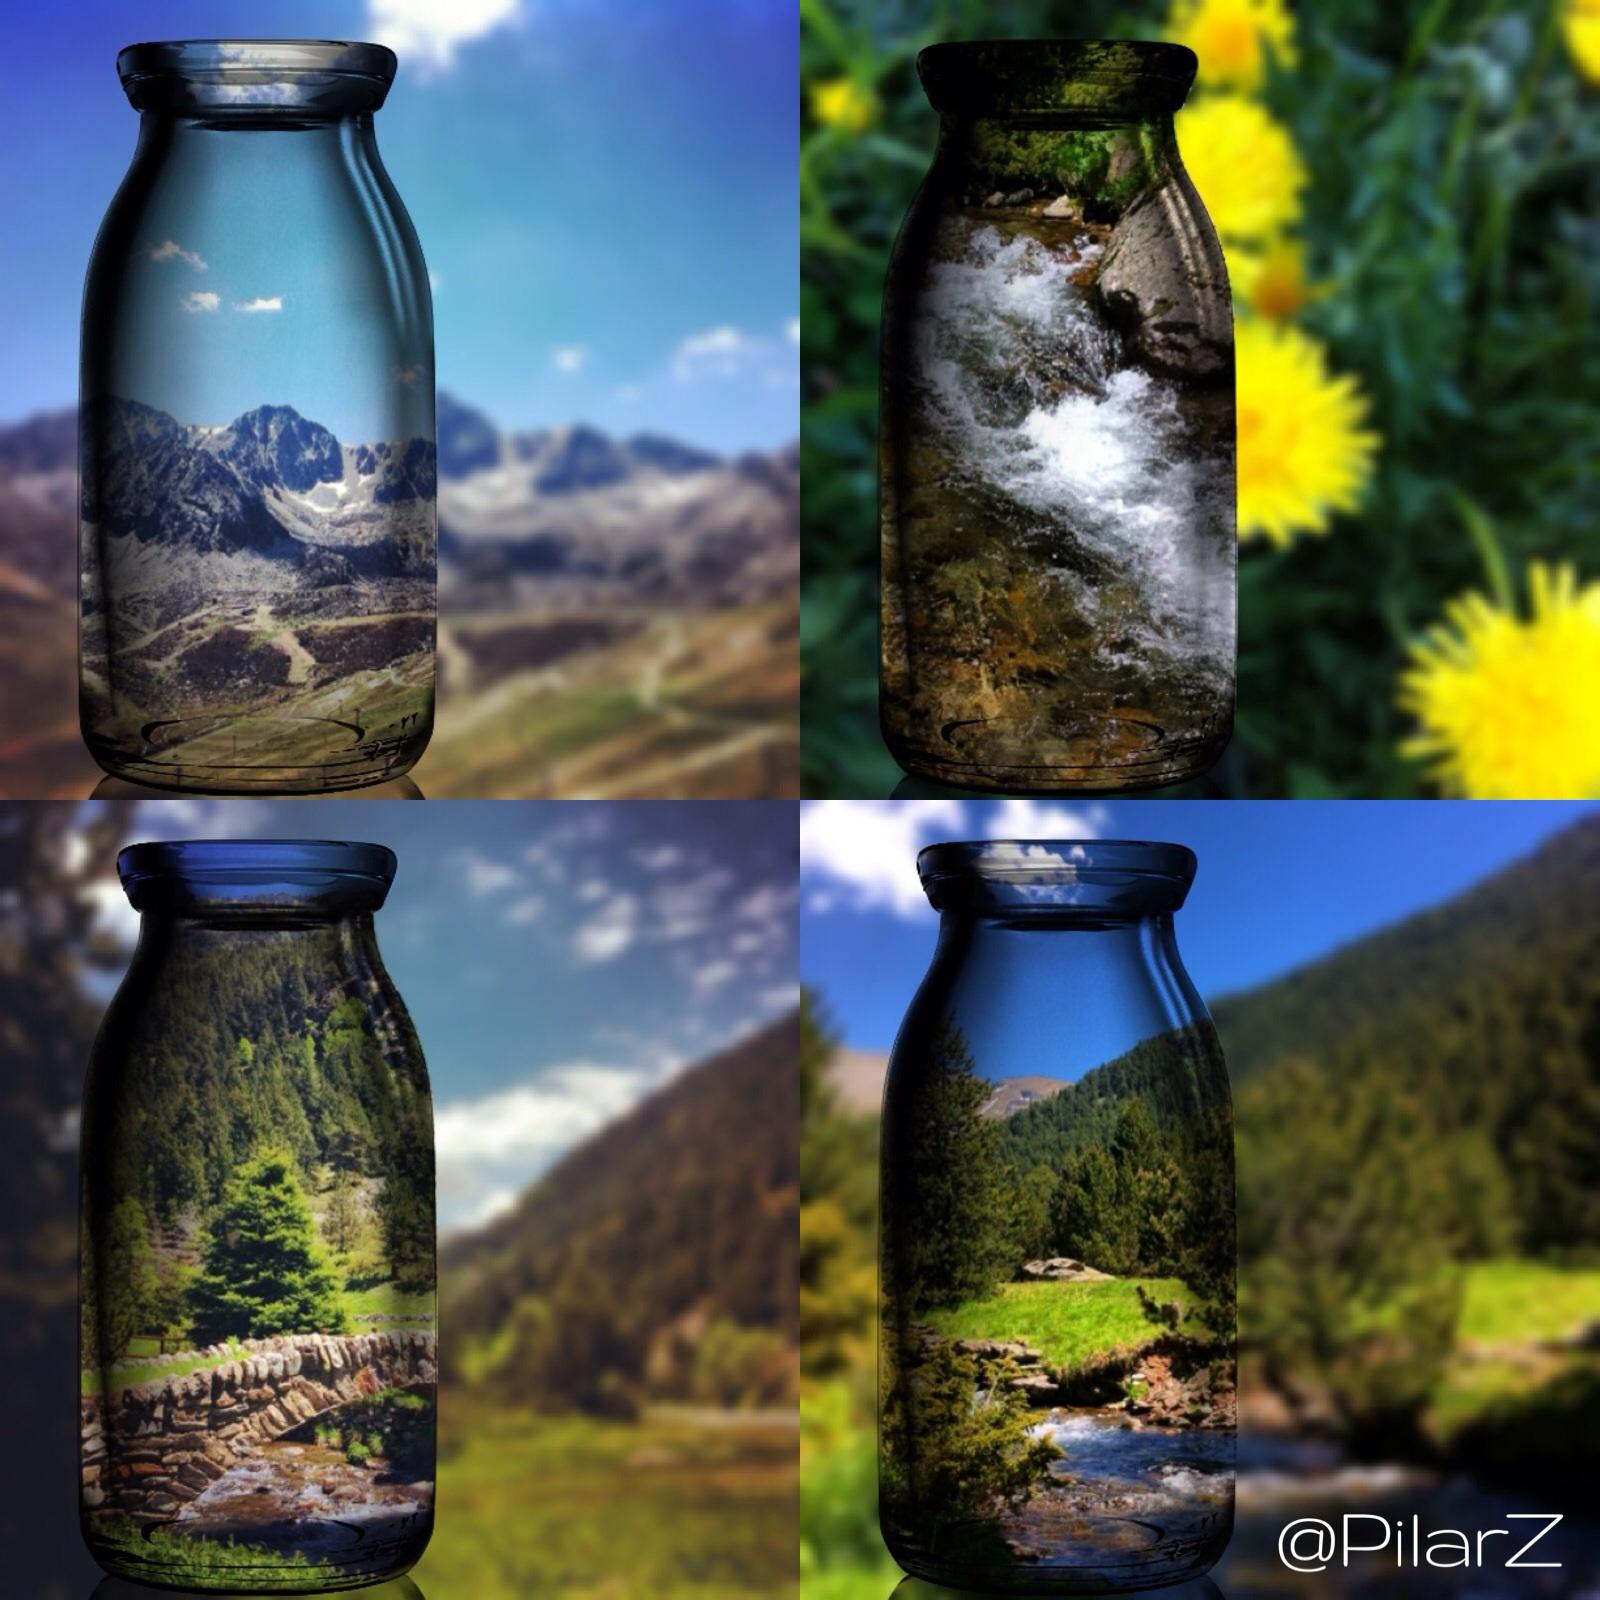 El país dels Pirineus. Vine i tasta'l